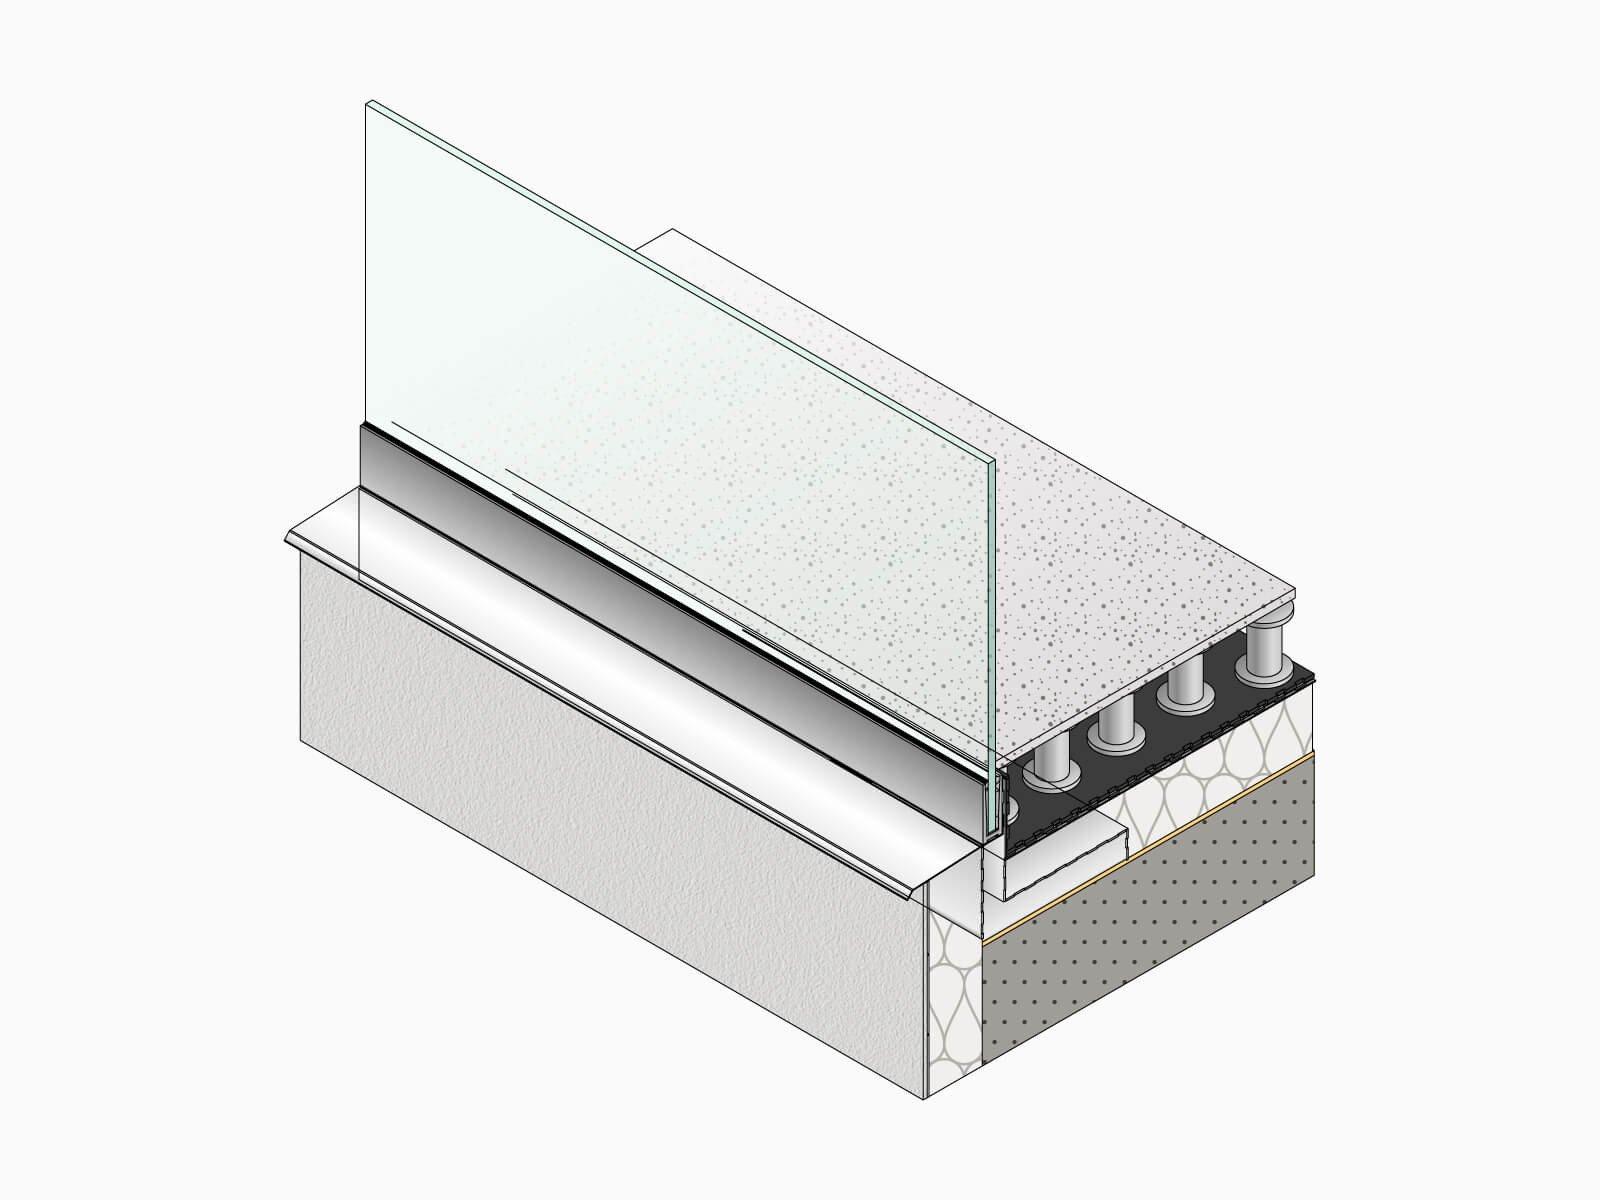 Unterkonstruktion Glasbruestung FORMAL fuer einen erhoehten Bodenaufbau